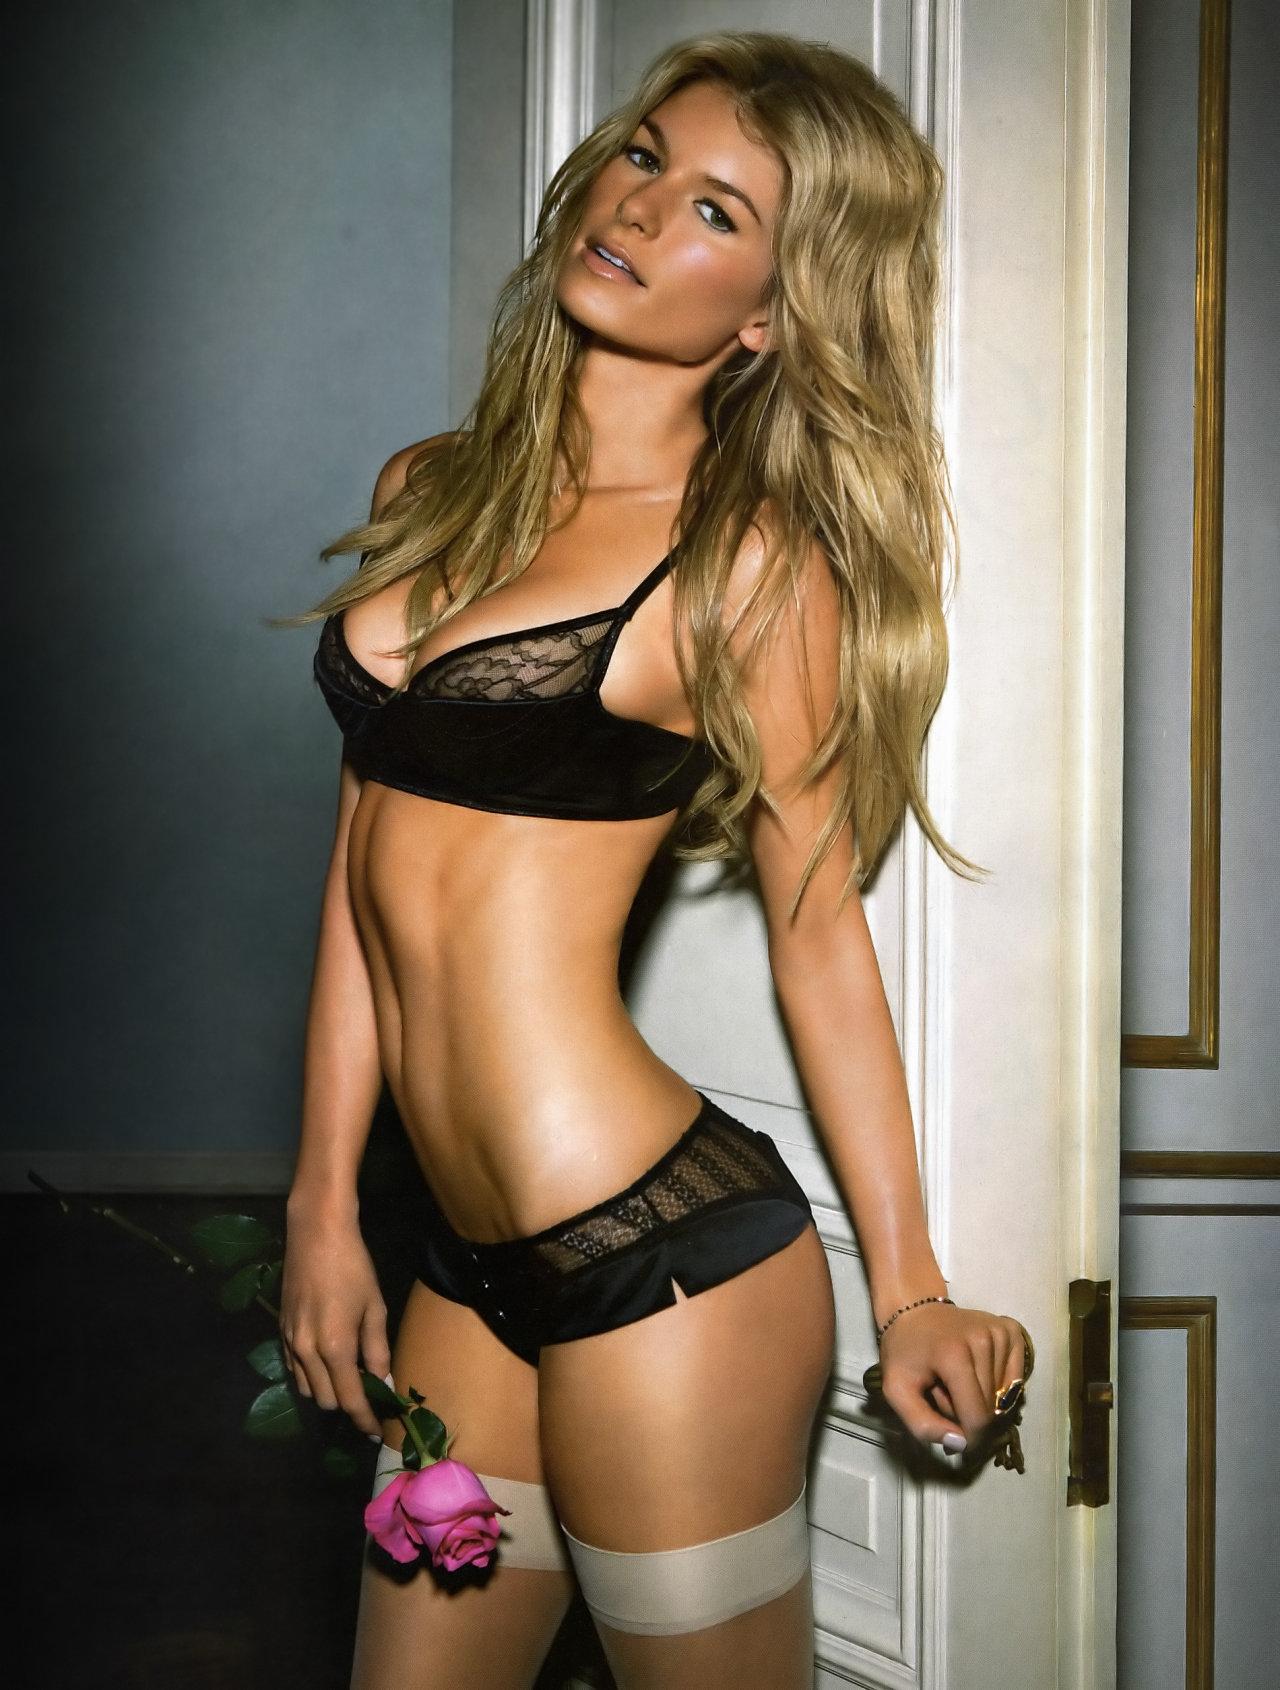 Сексуальные модели американские 22 фотография